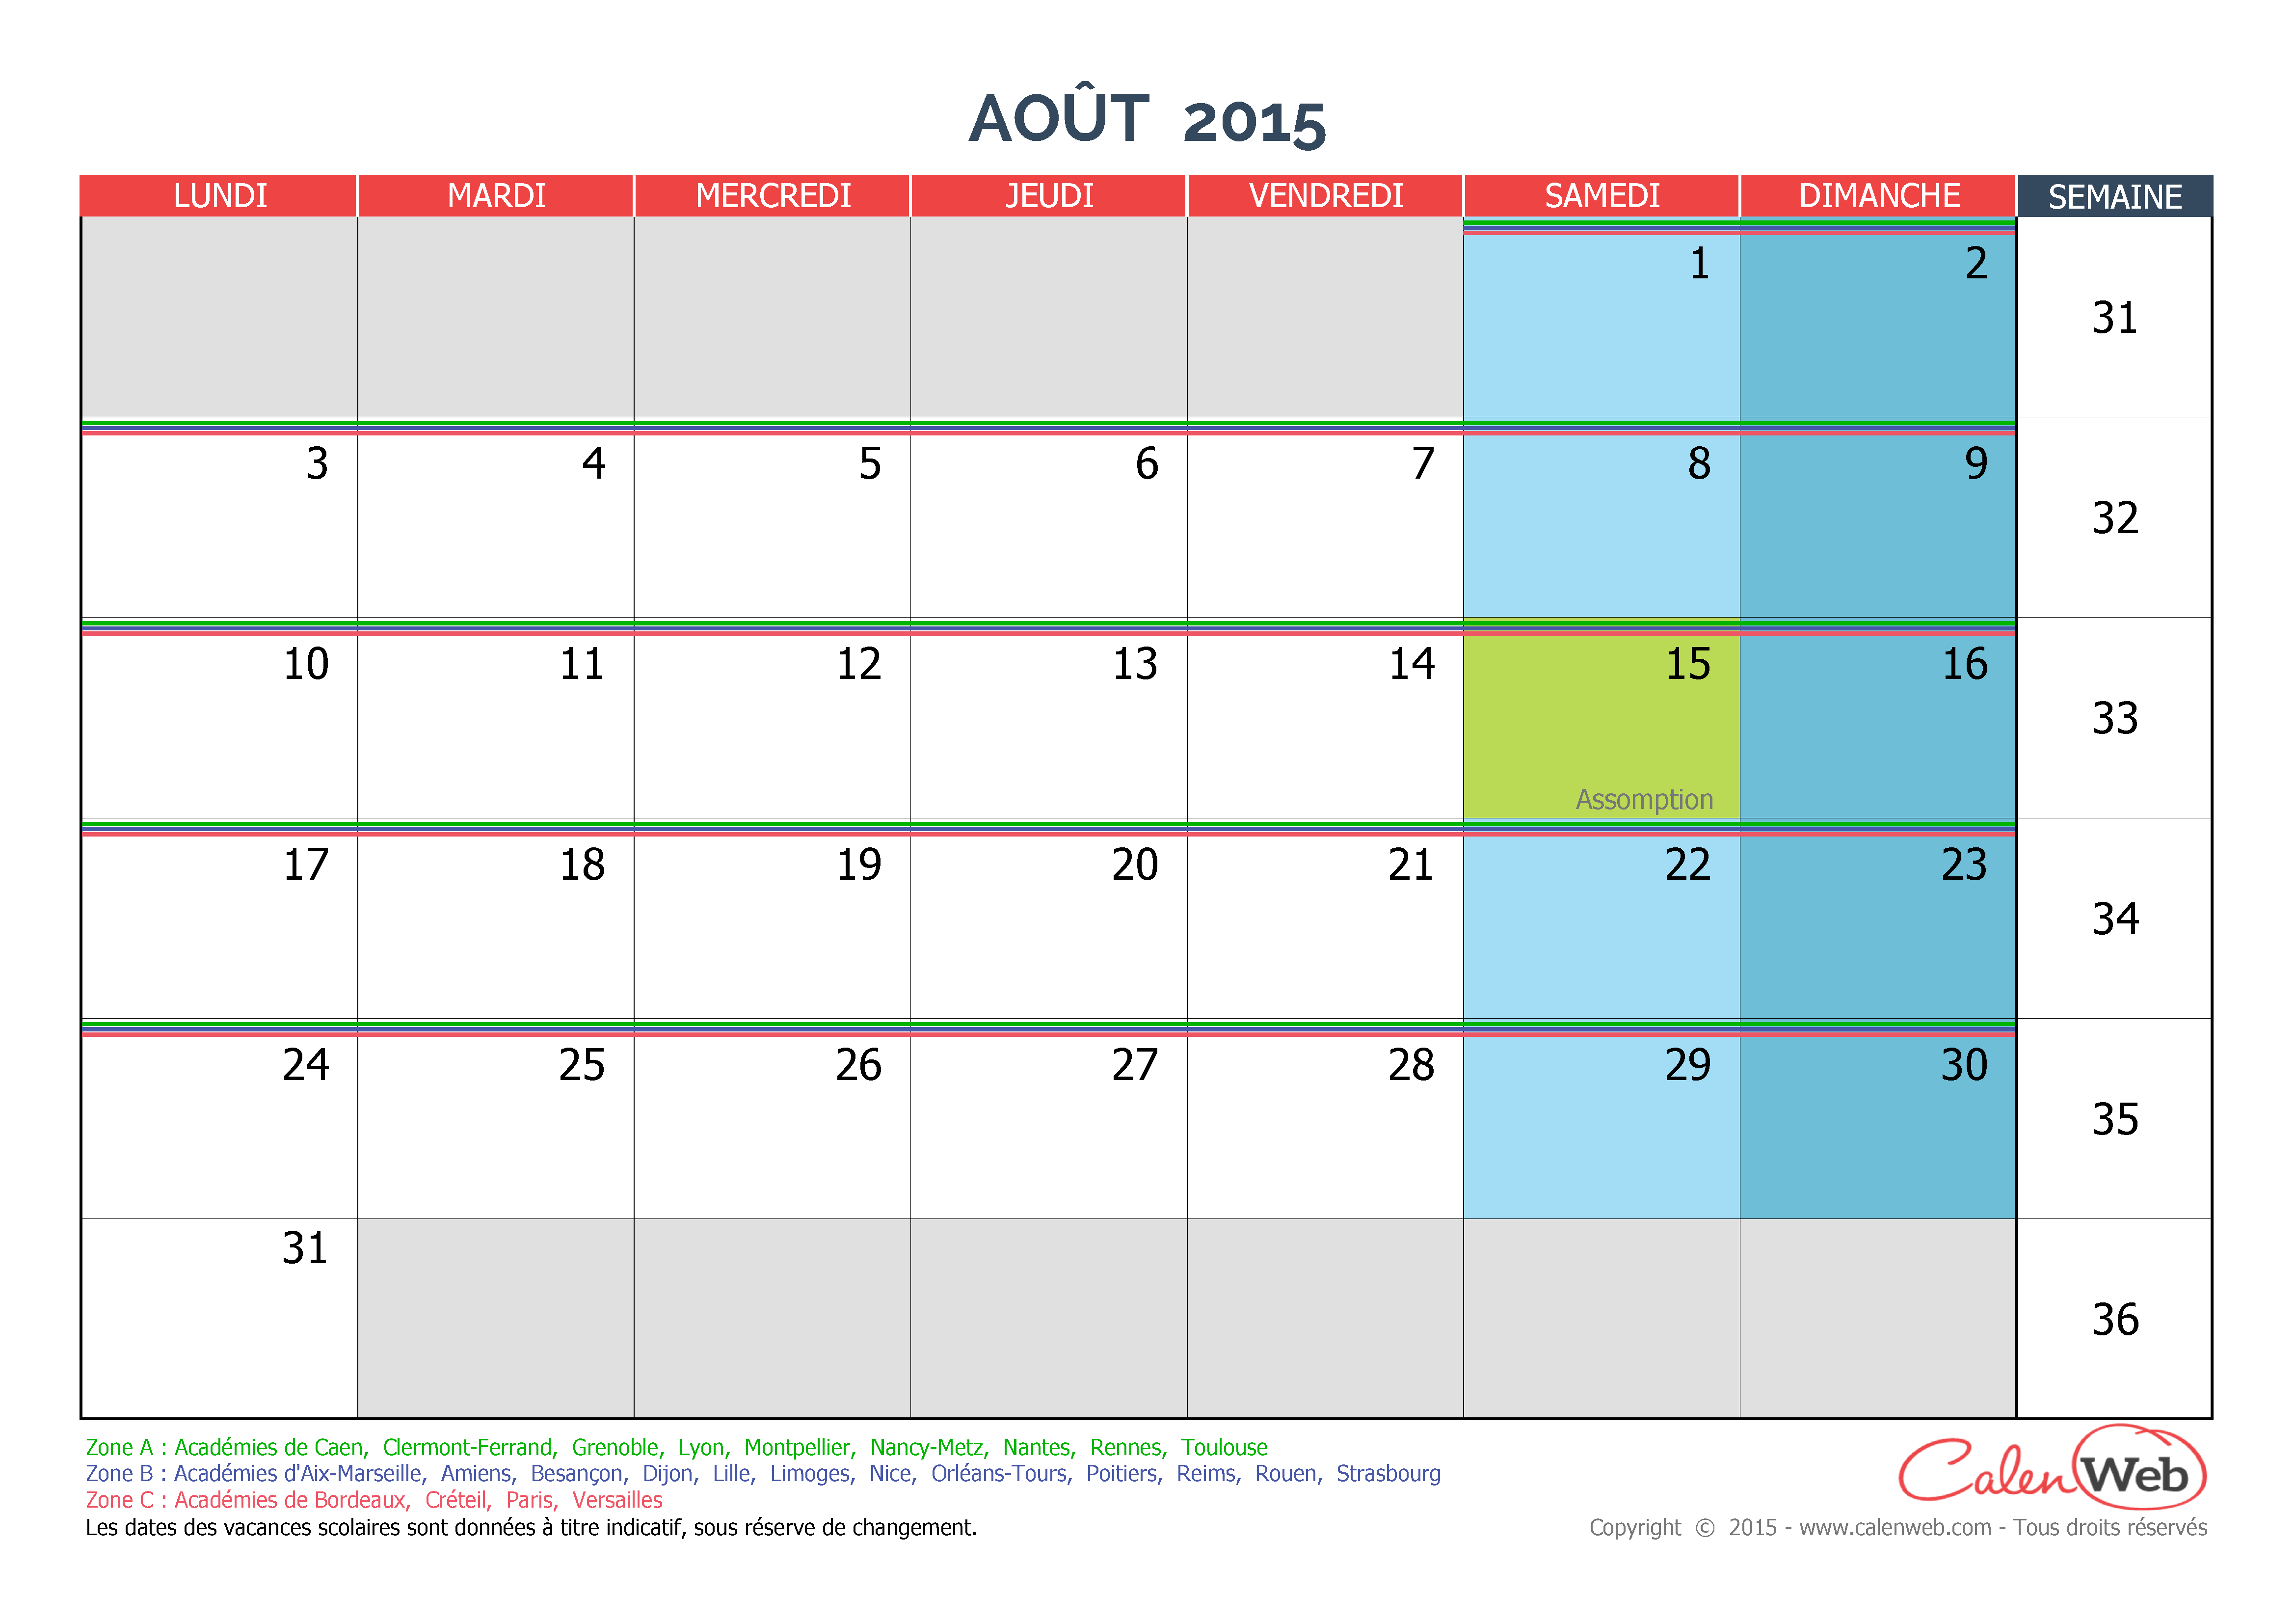 calendrier mensuel mois d 39 ao t 2015 avec jours f ri s et vacances scolaires. Black Bedroom Furniture Sets. Home Design Ideas